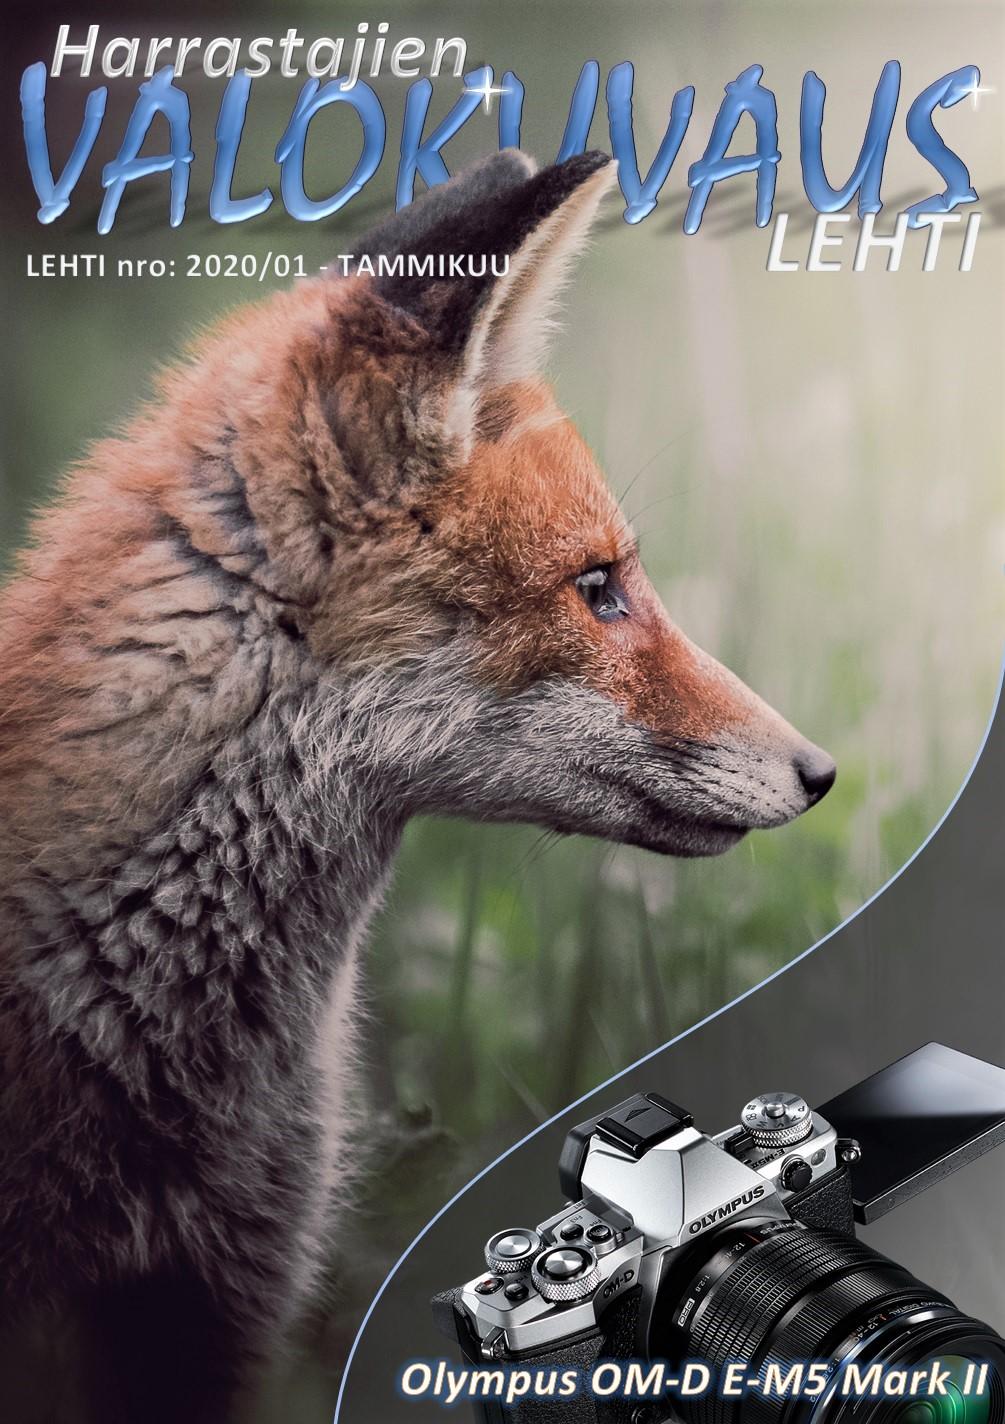 VALOKUVAUS-LEHTI 2020/01